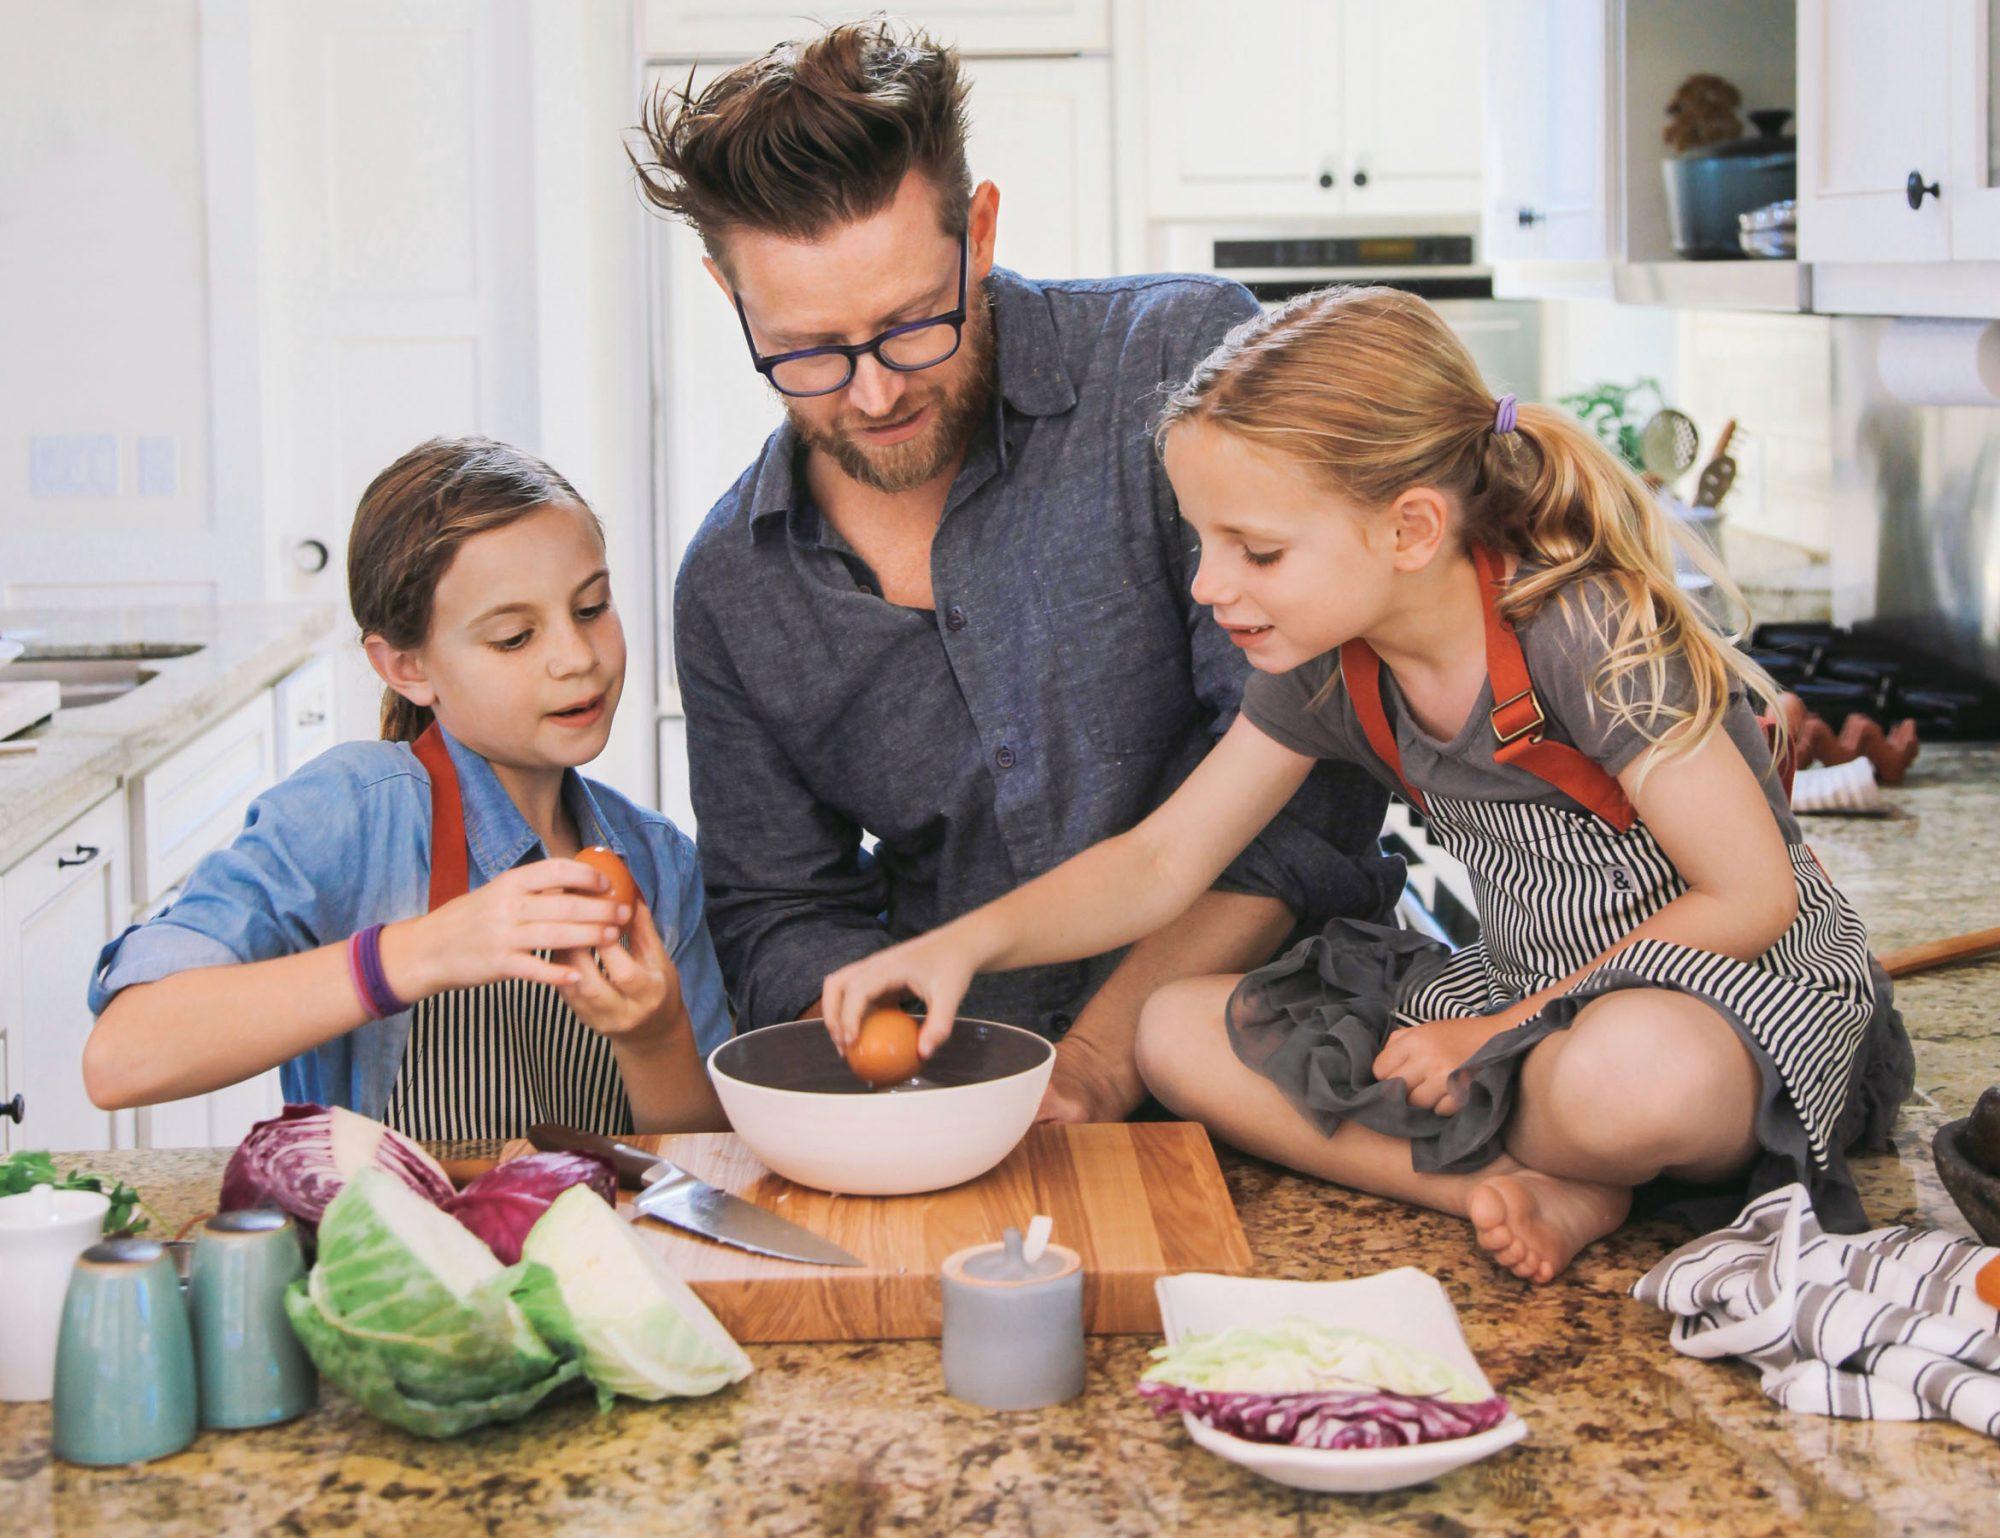 blais and daughters cook ramen